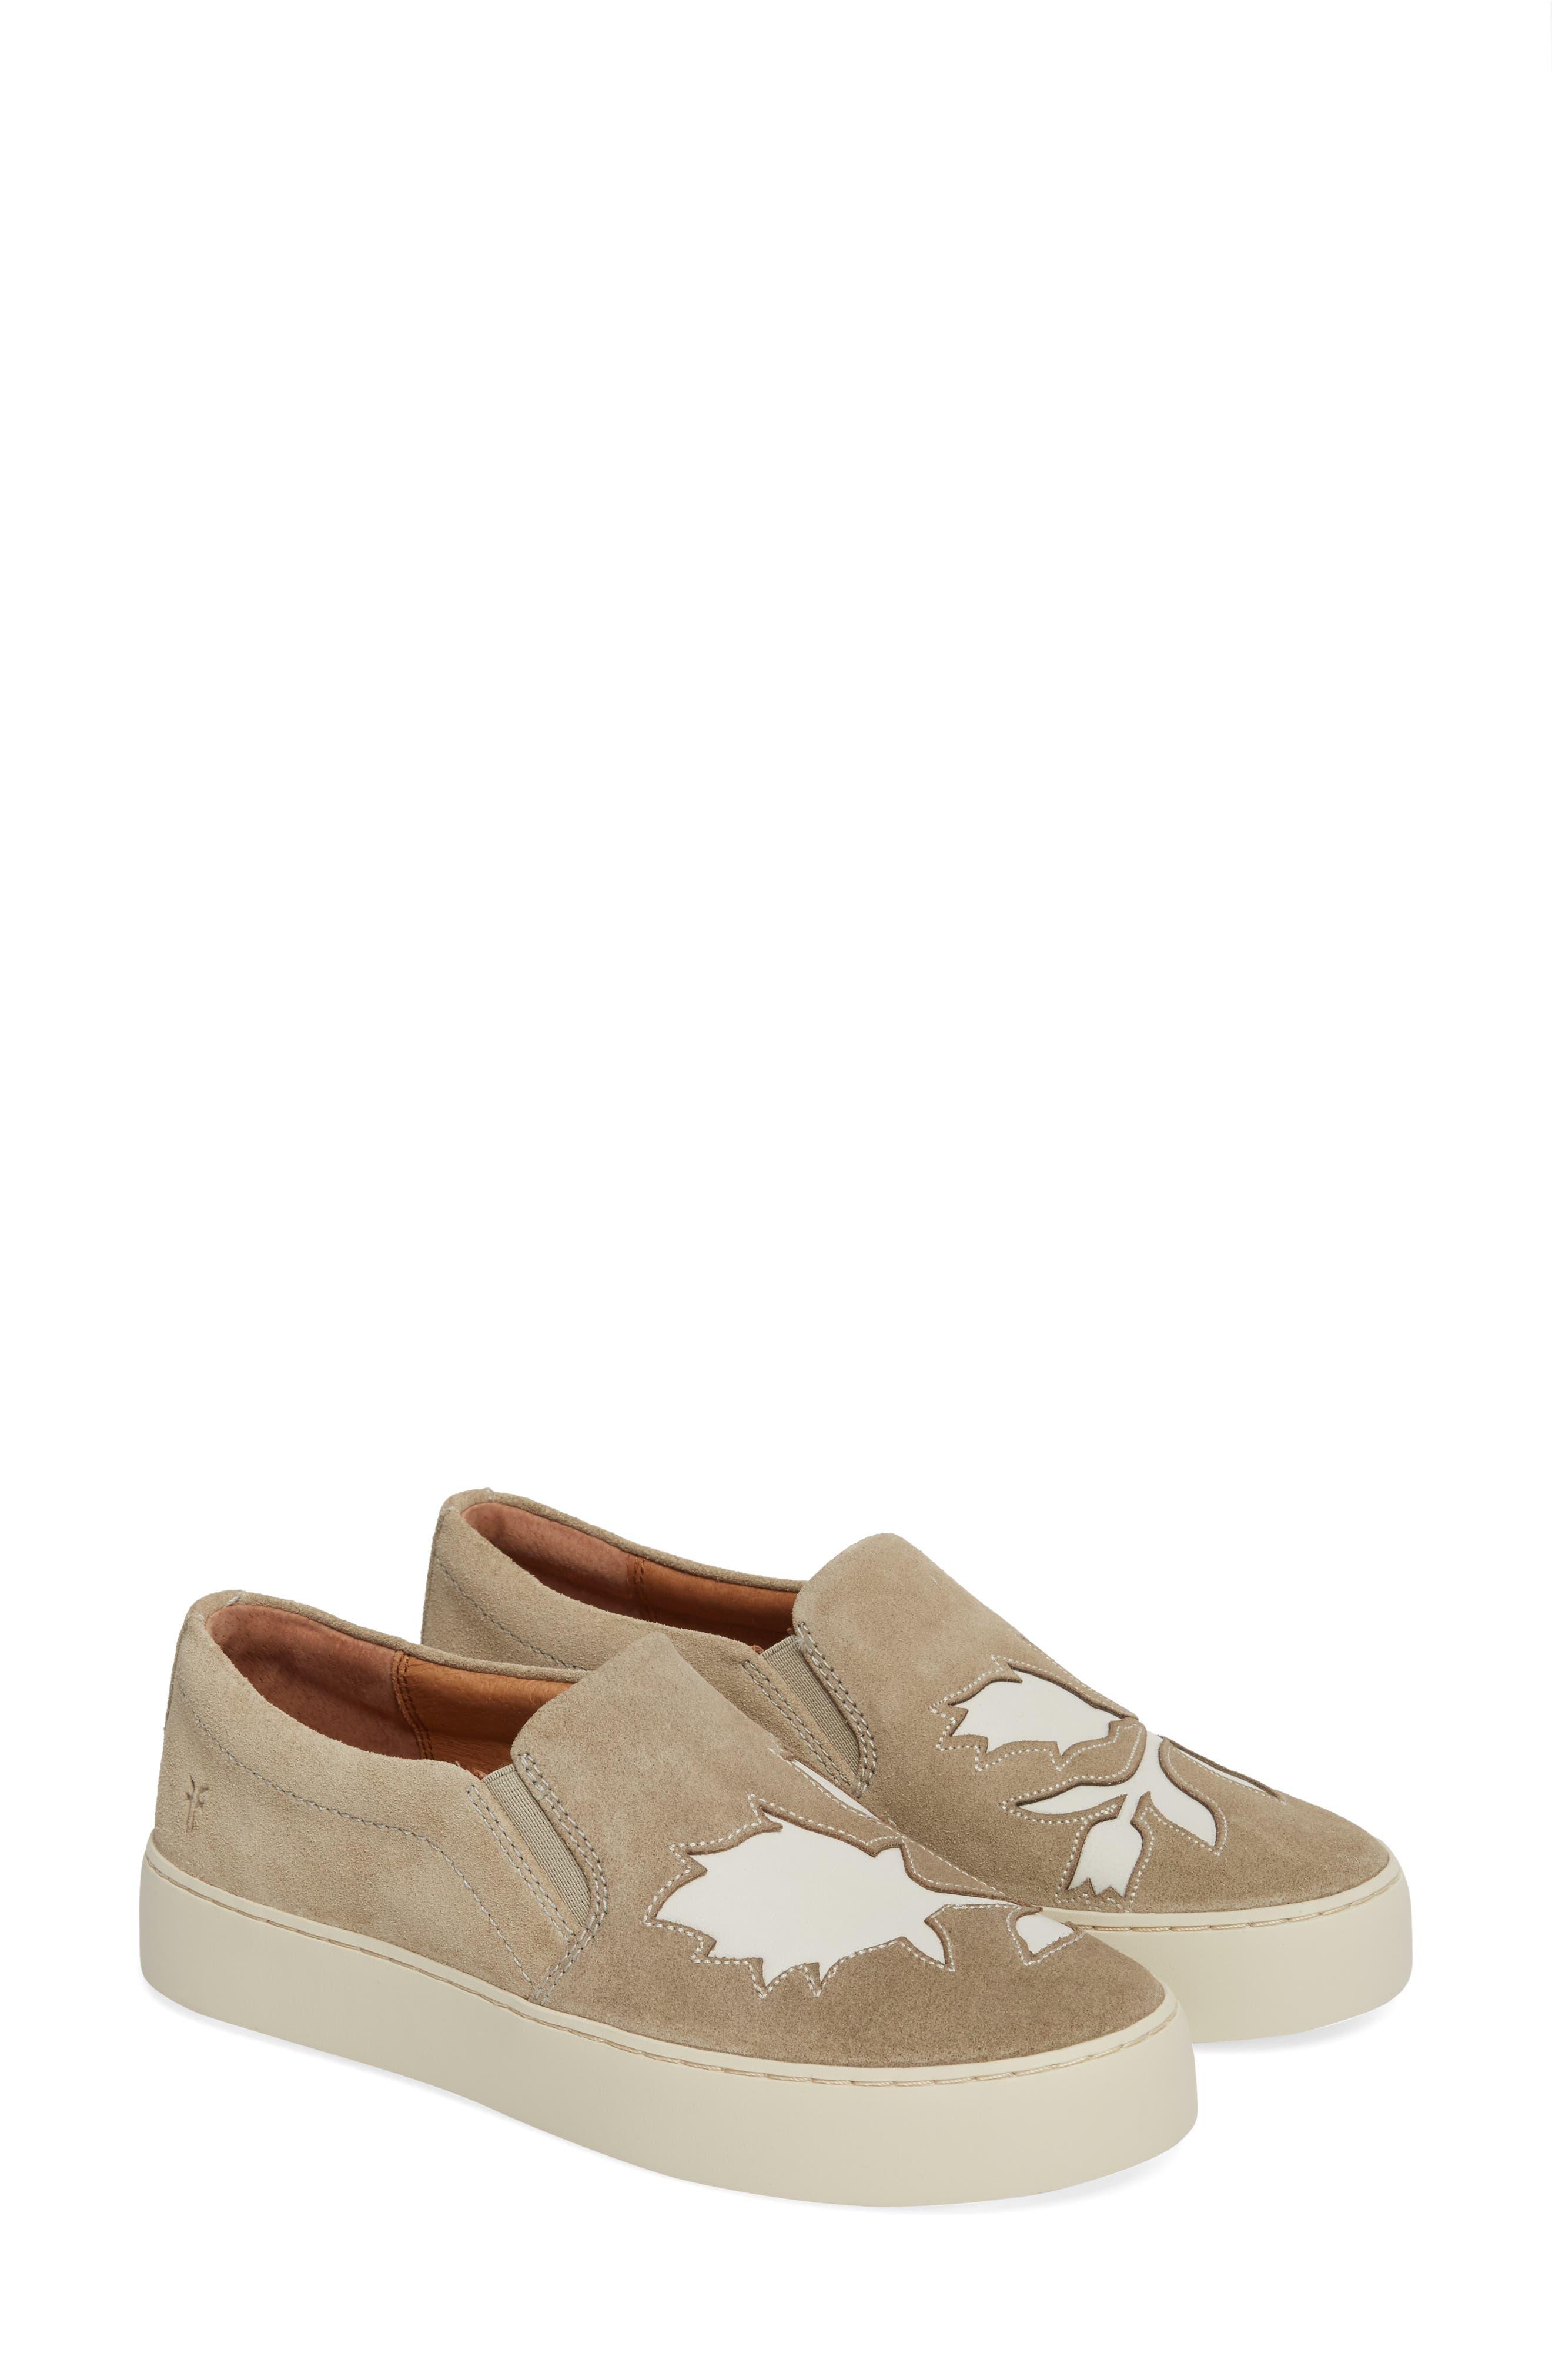 Lena Floral Slip-On Sneaker,                             Alternate thumbnail 4, color,